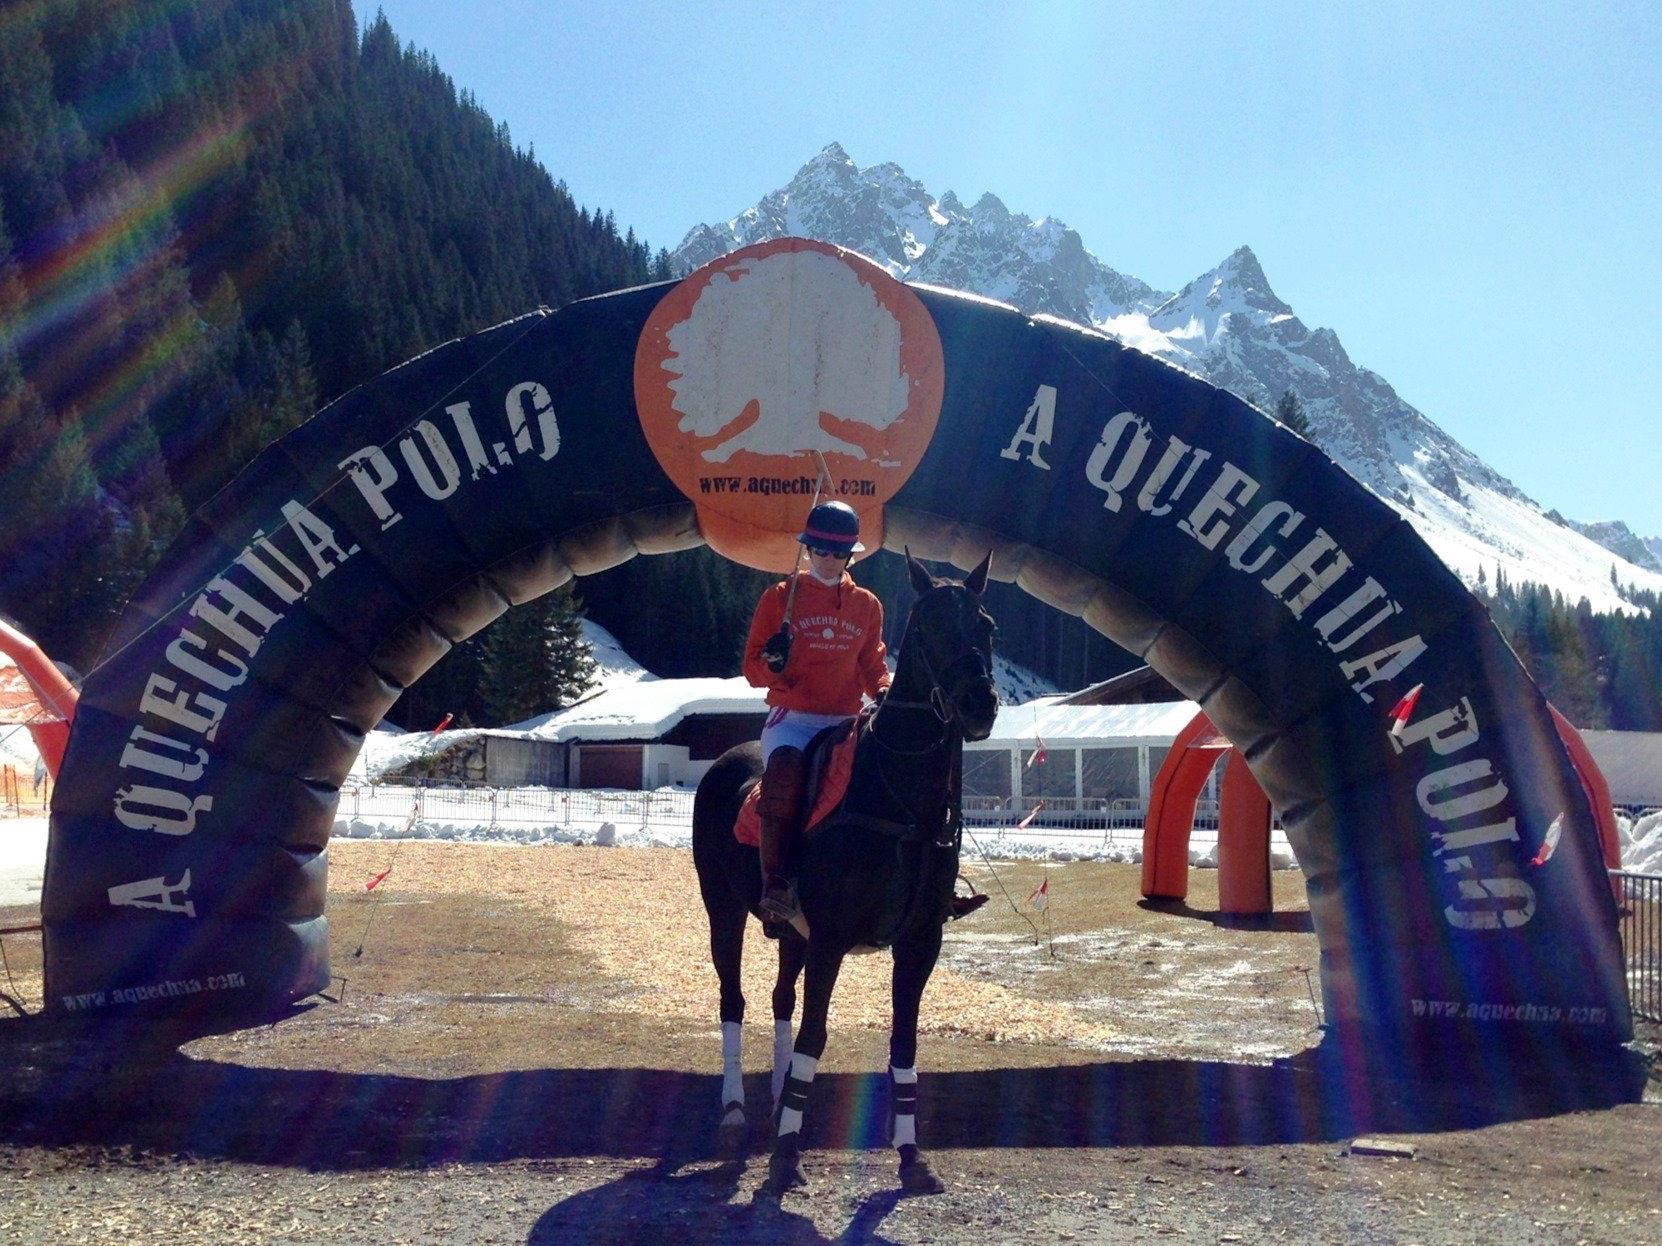 Der Eintritt zum Turnier ist frei, ein Besuch des Montafoner Bergortes lohnt sich auf jeden Fall.